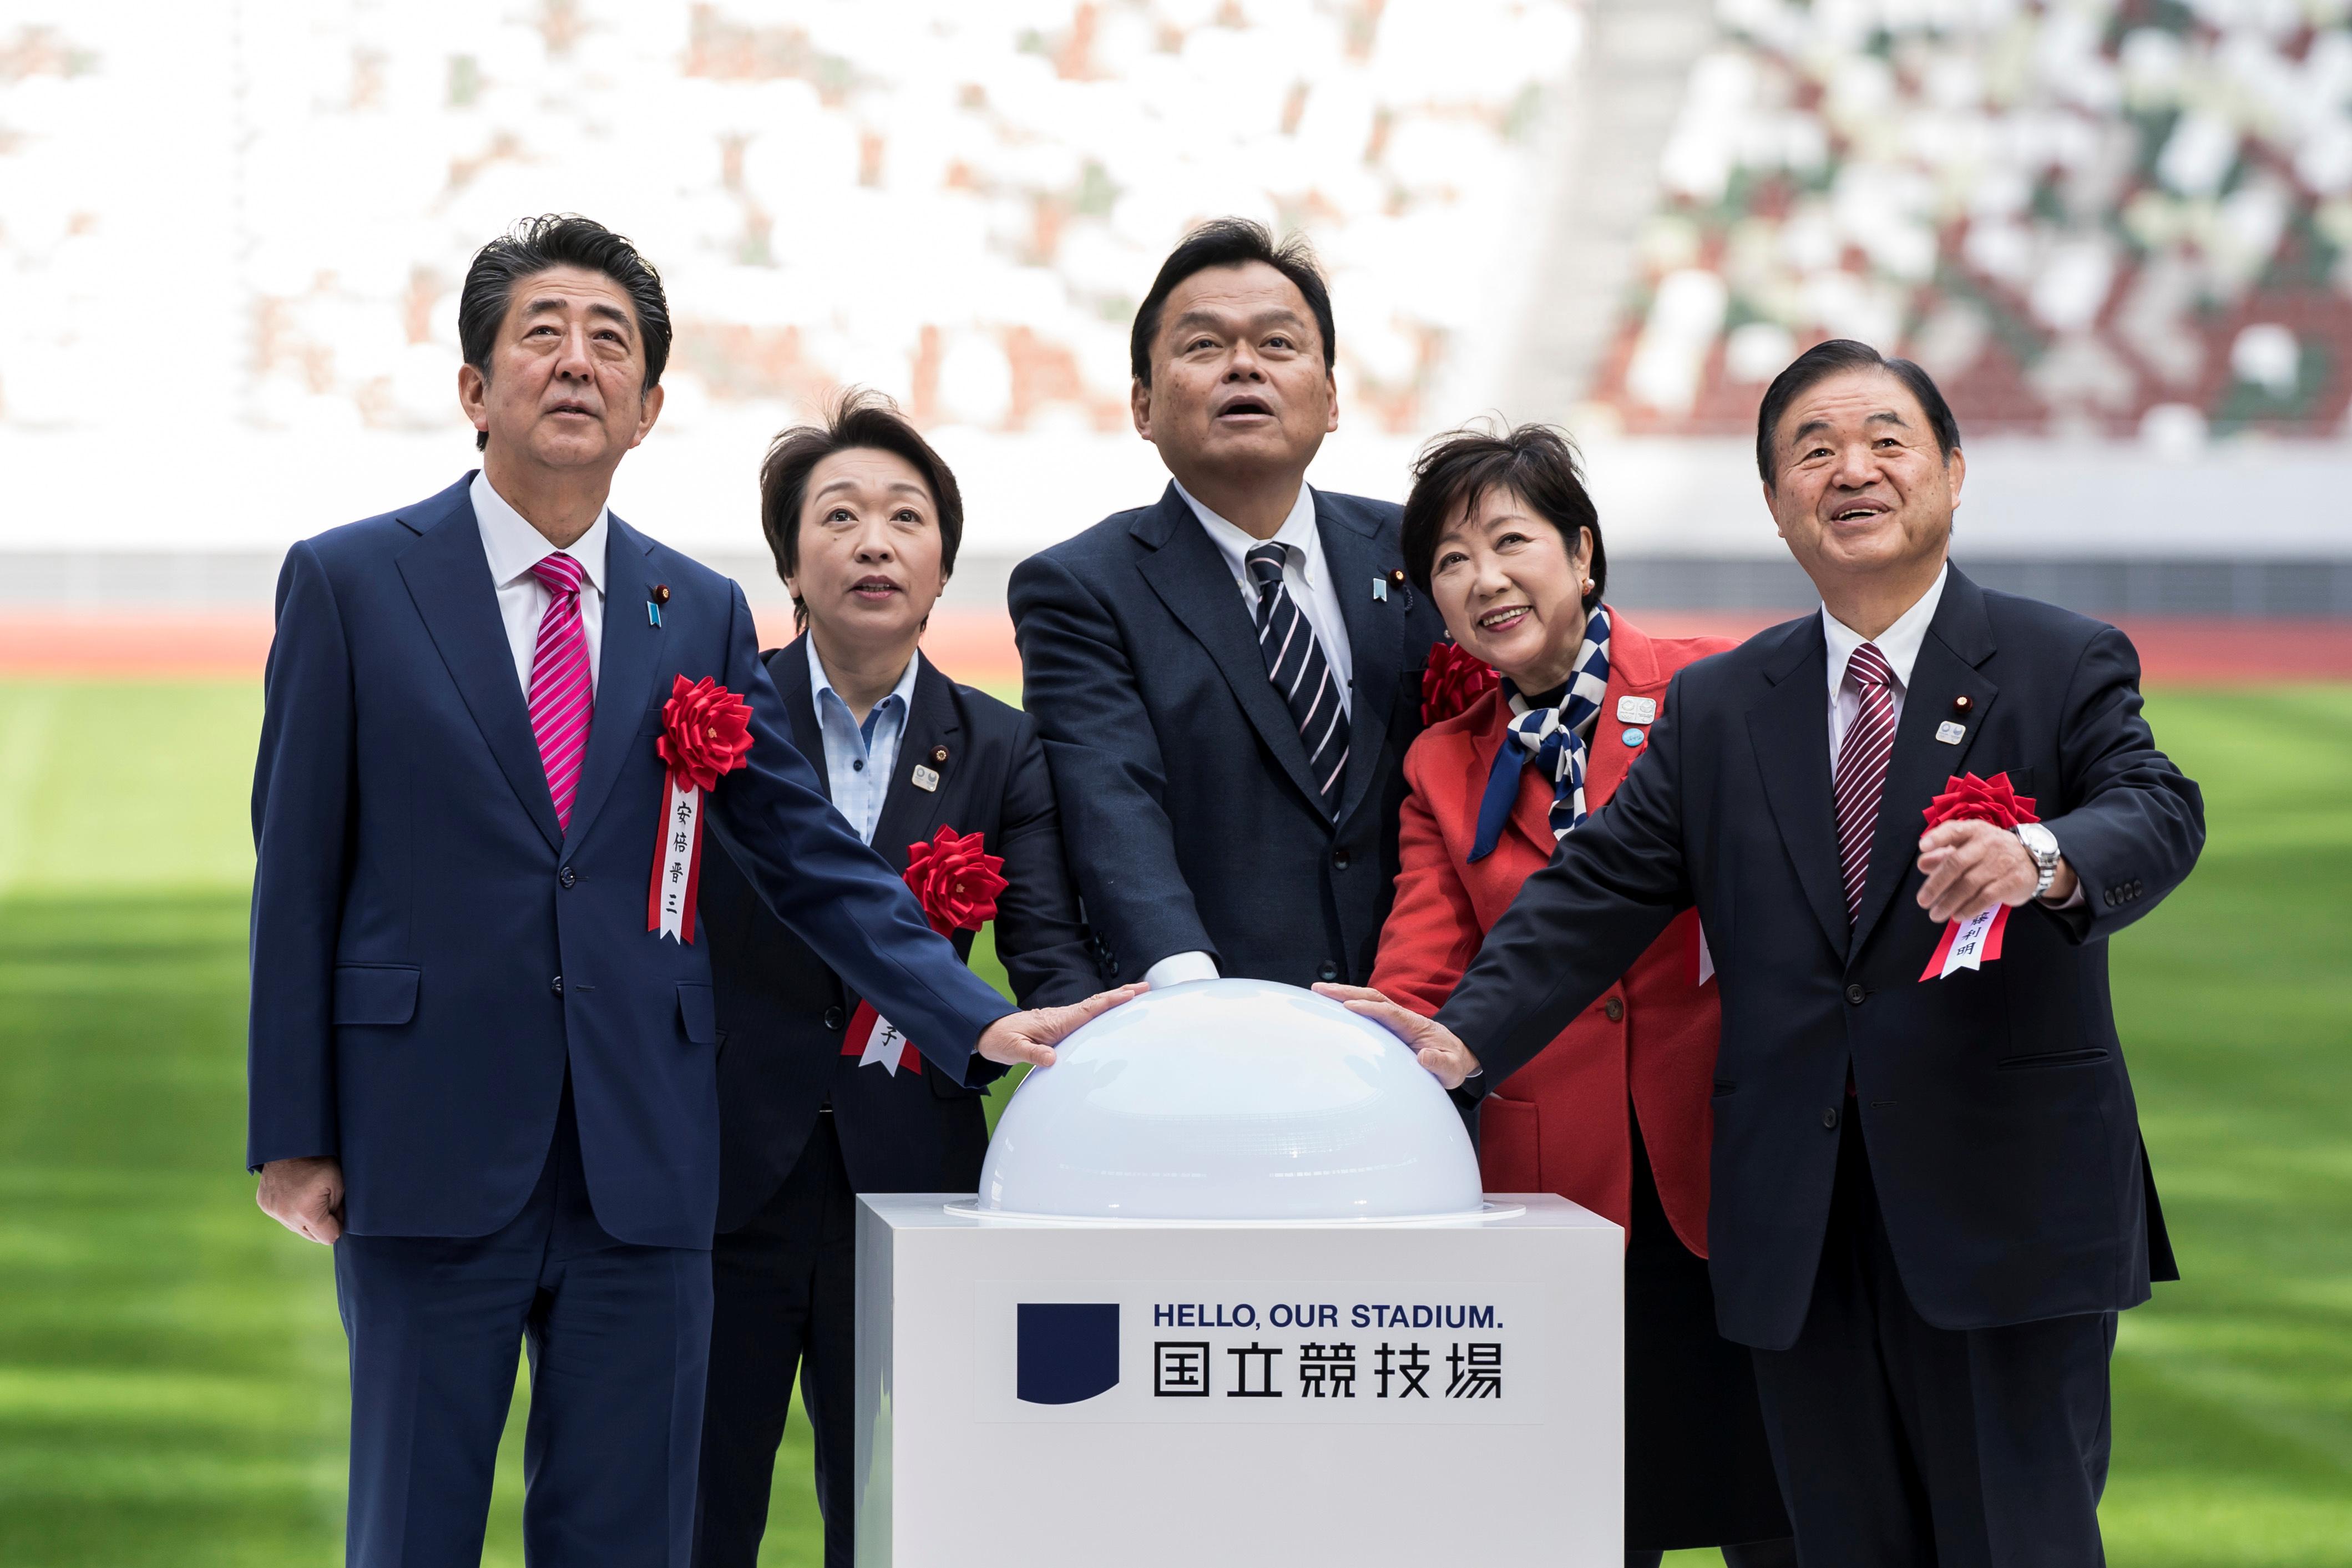 El calor del verano japonés es una de las principales preocupaciones de los organizadores de los próximos Juegos Olímpicos, luego de que los médicos alertaran sobre el riesgo de graves consecuencias médicas